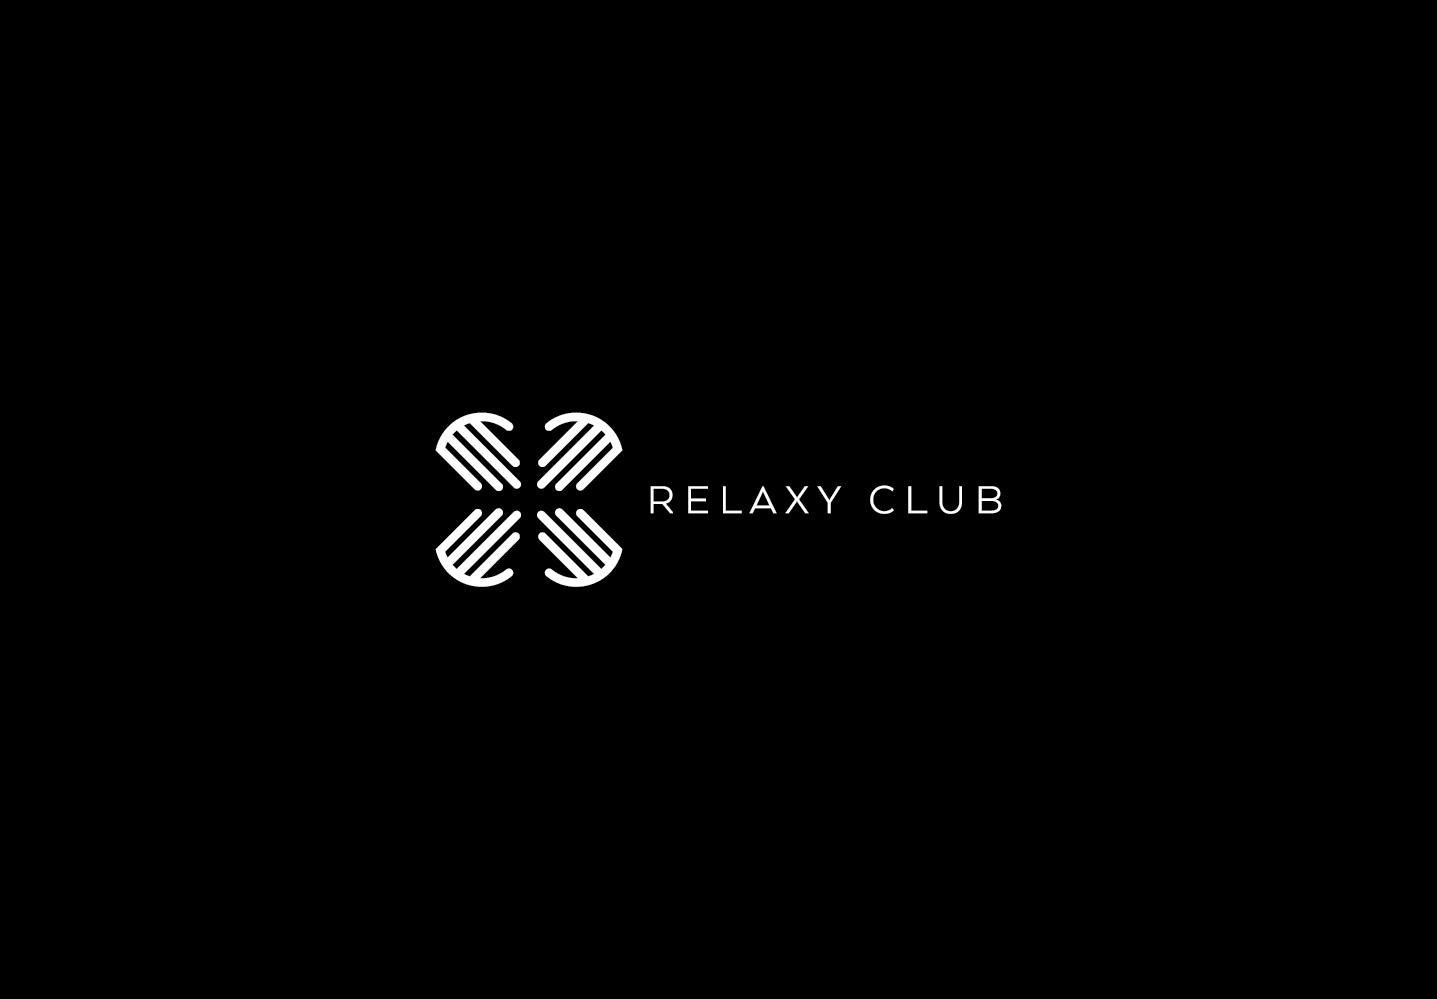 Relaxy Club 2